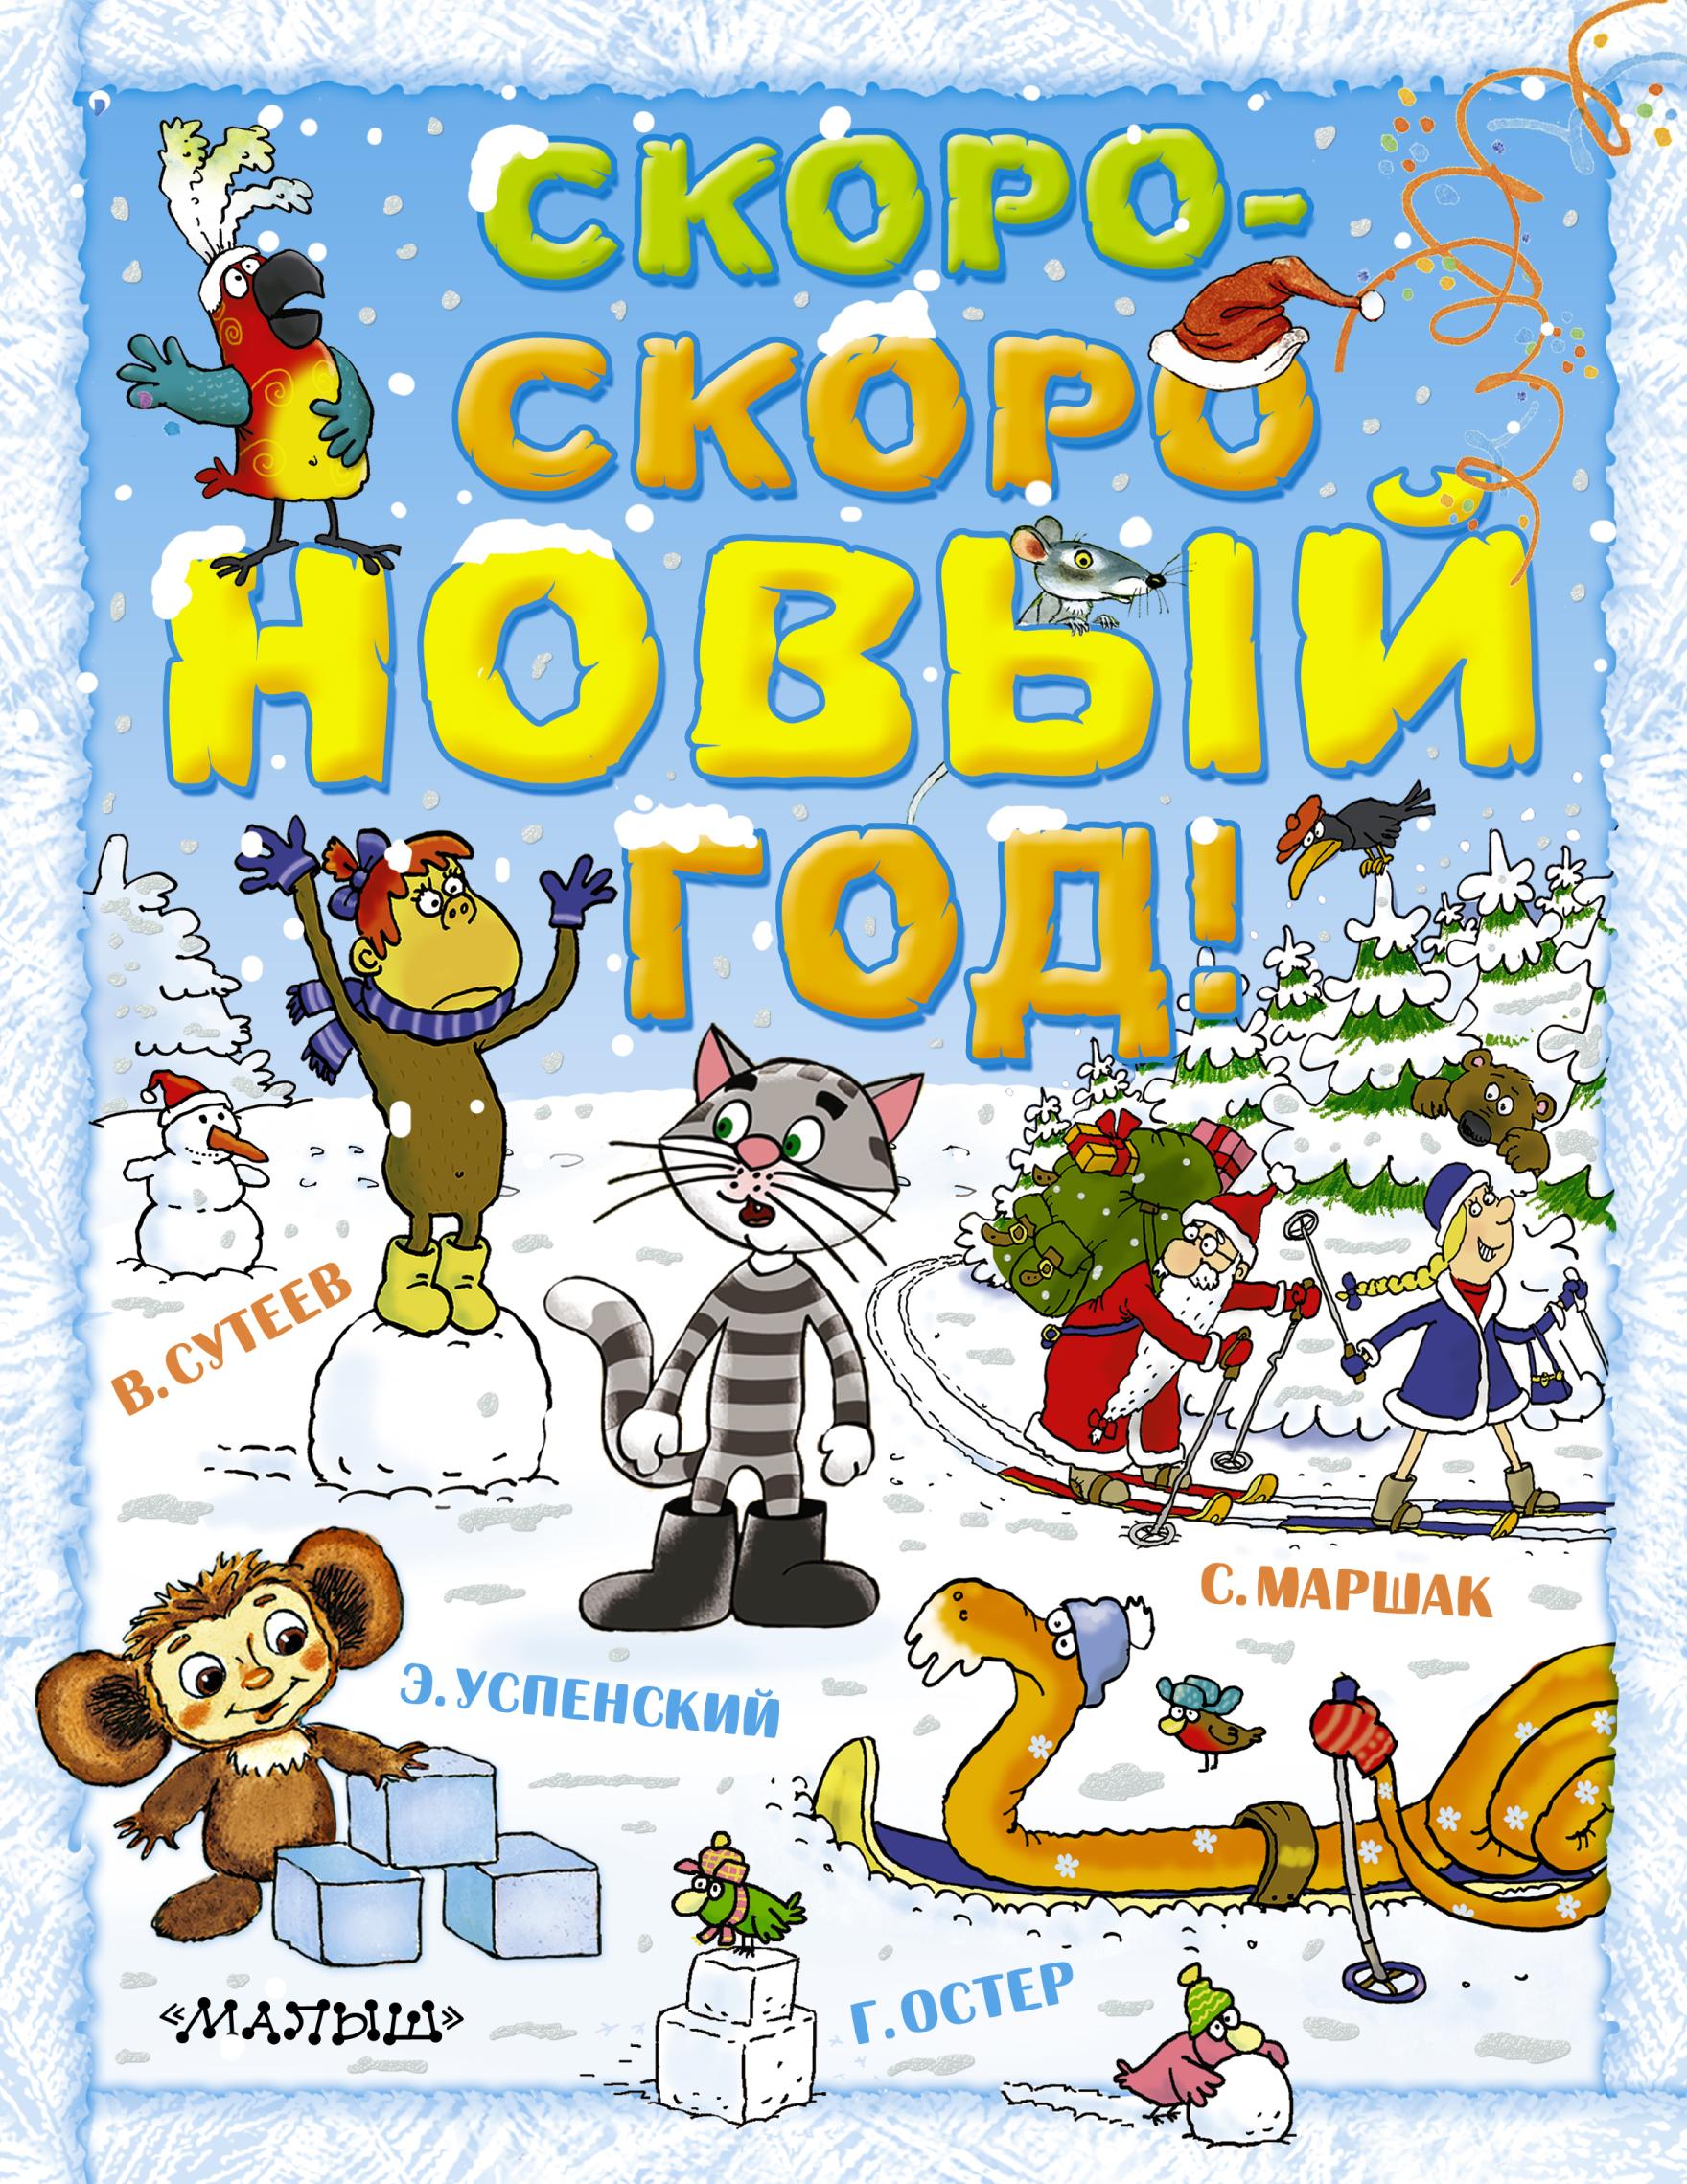 купить Маршак С.Я., Сутеев В.Г., Остер Г.Б. и другие Скоро-скоро новый год! по цене 574 рублей